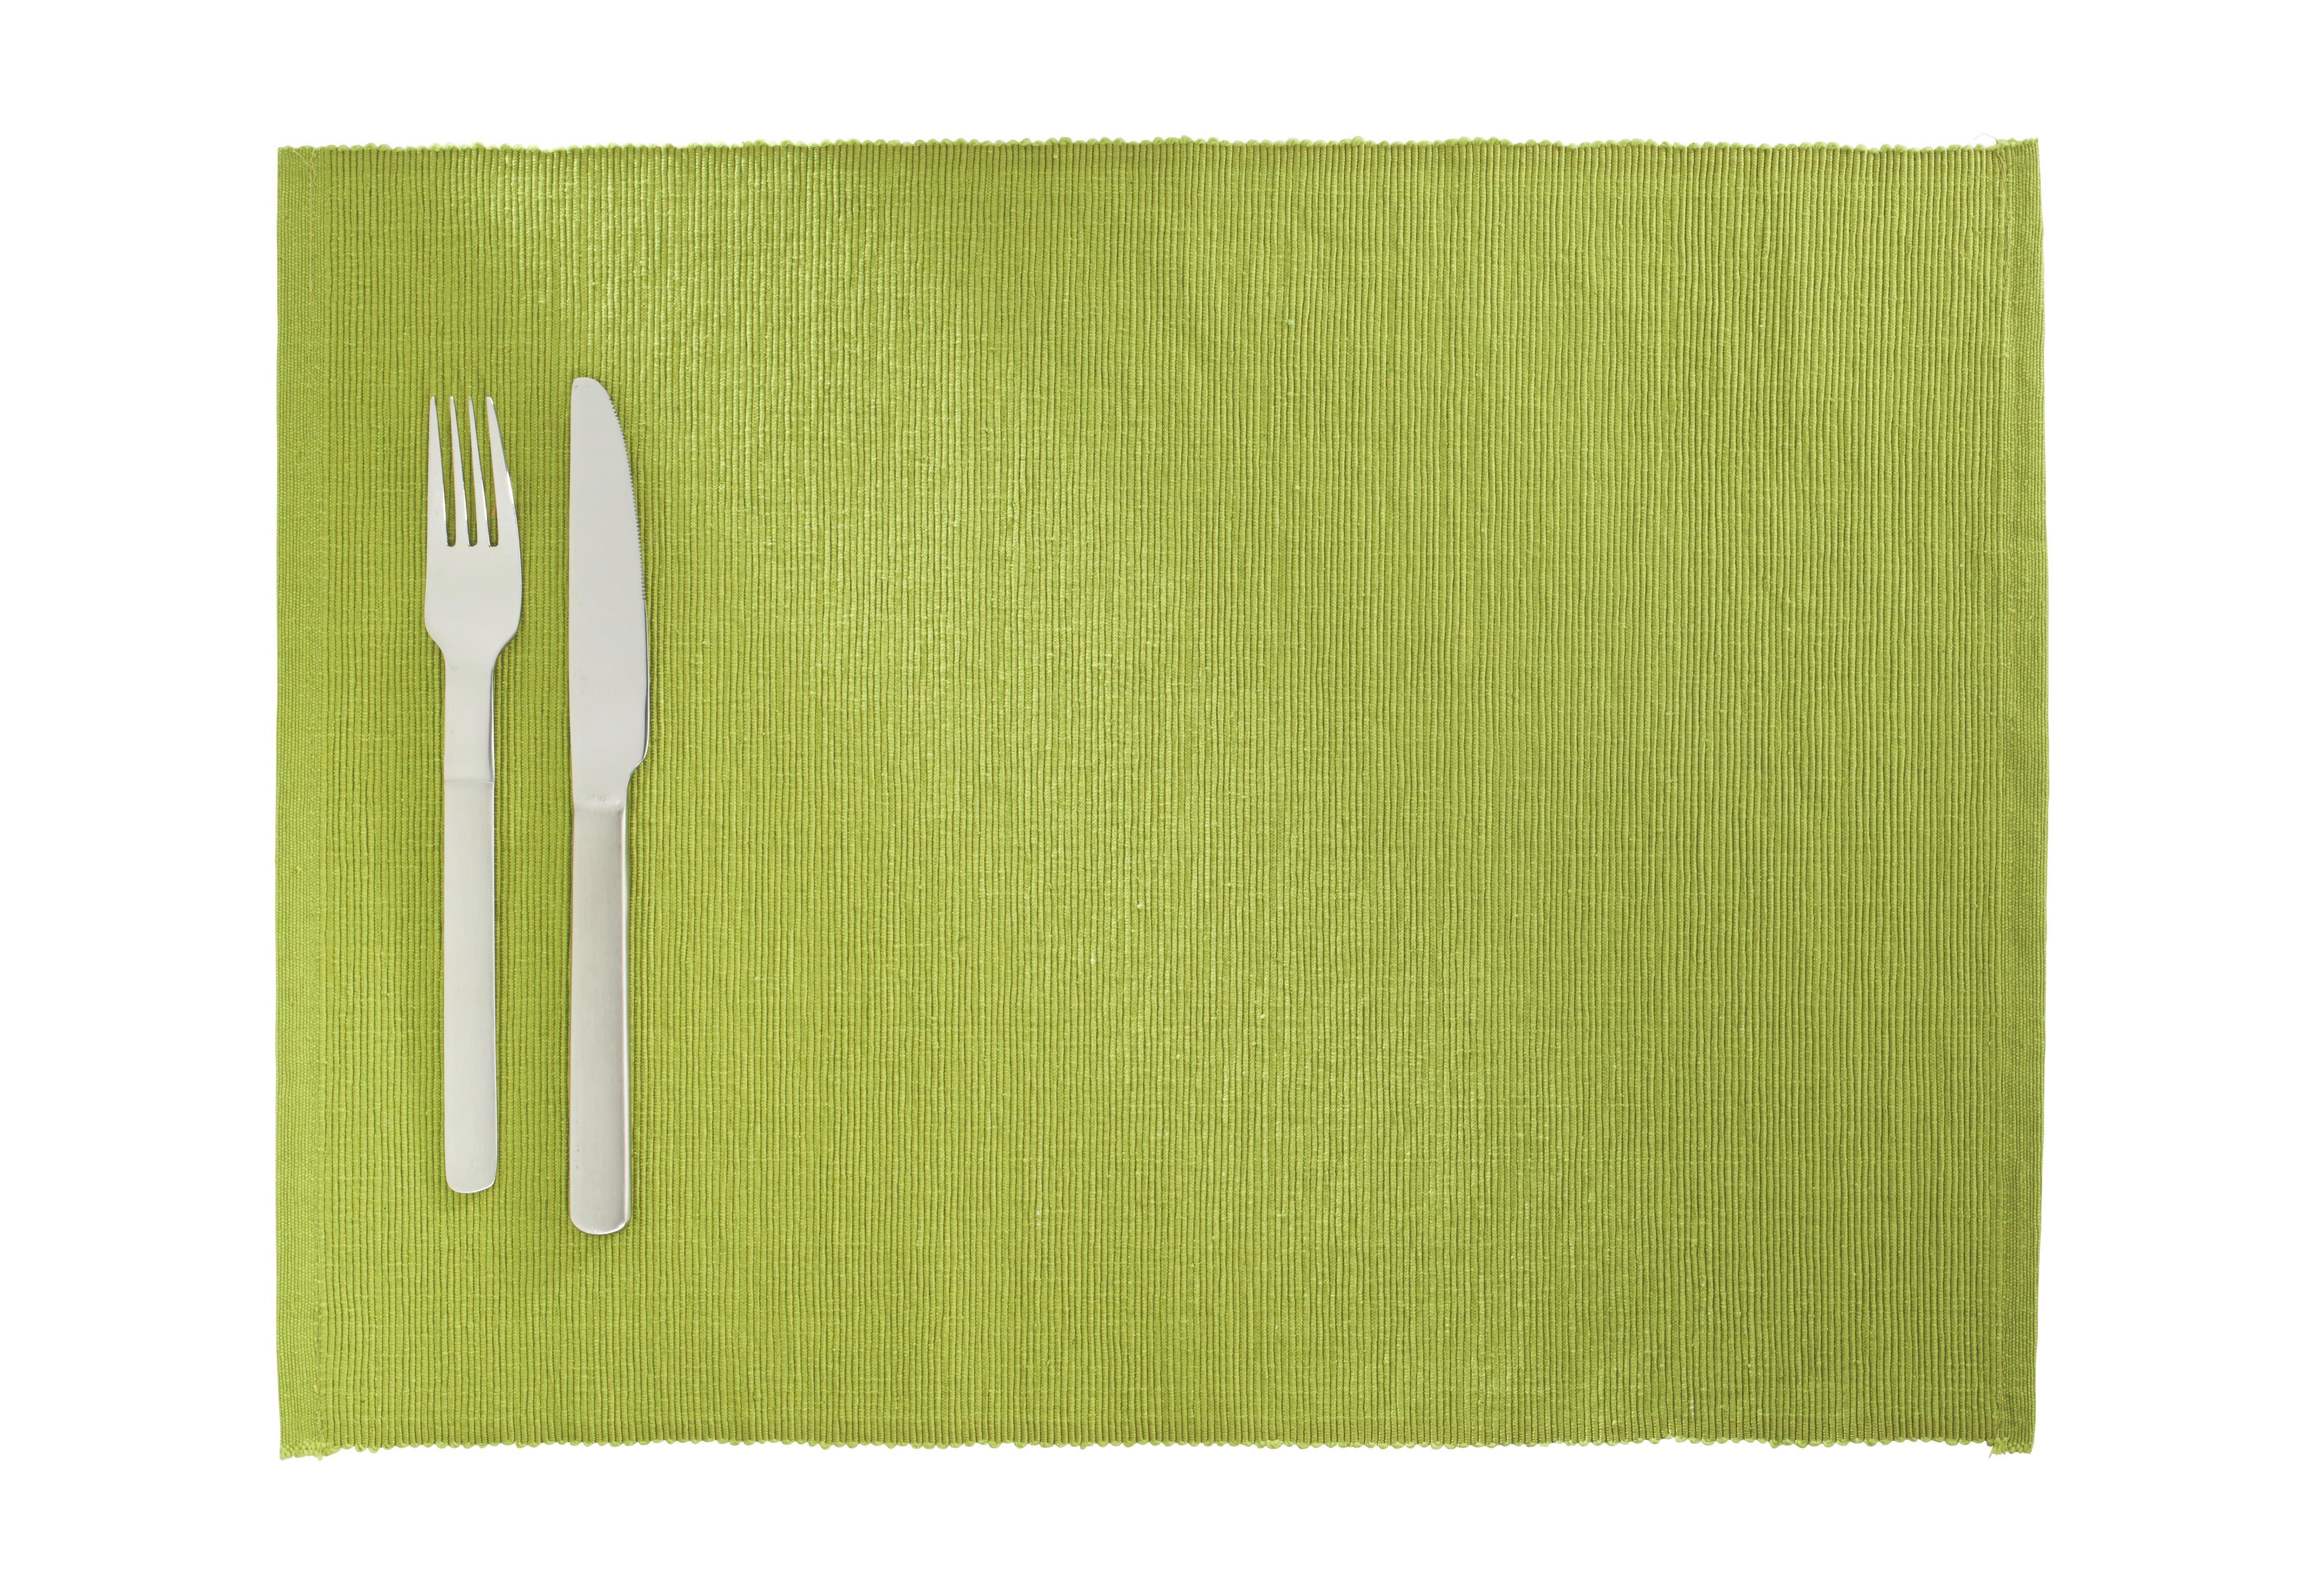 Asztali Szett Maren - zöld, textil (33/45cm) - BASED